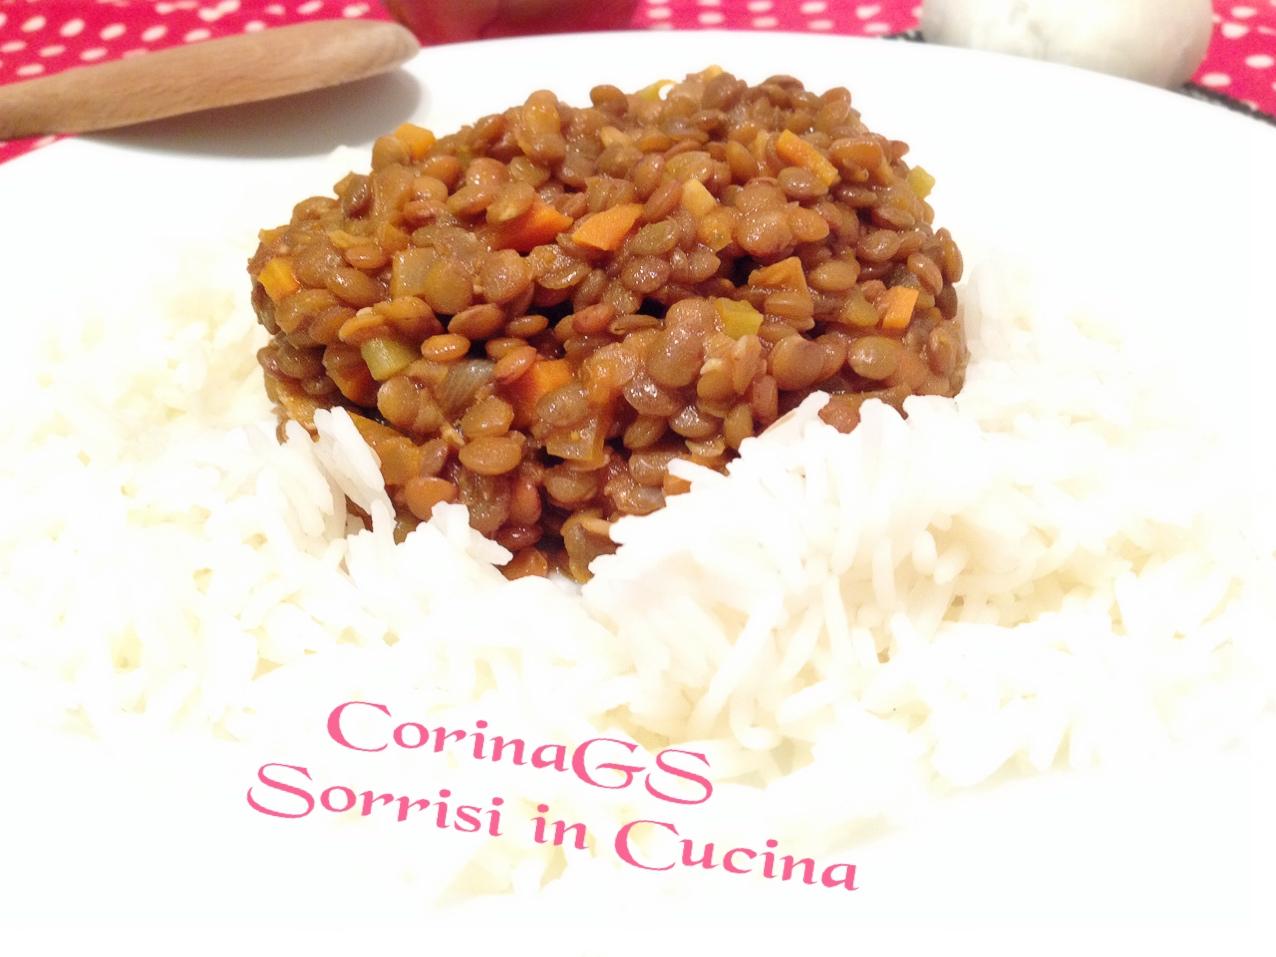 Lenticchie al curry con riso basmati|CorinaGS